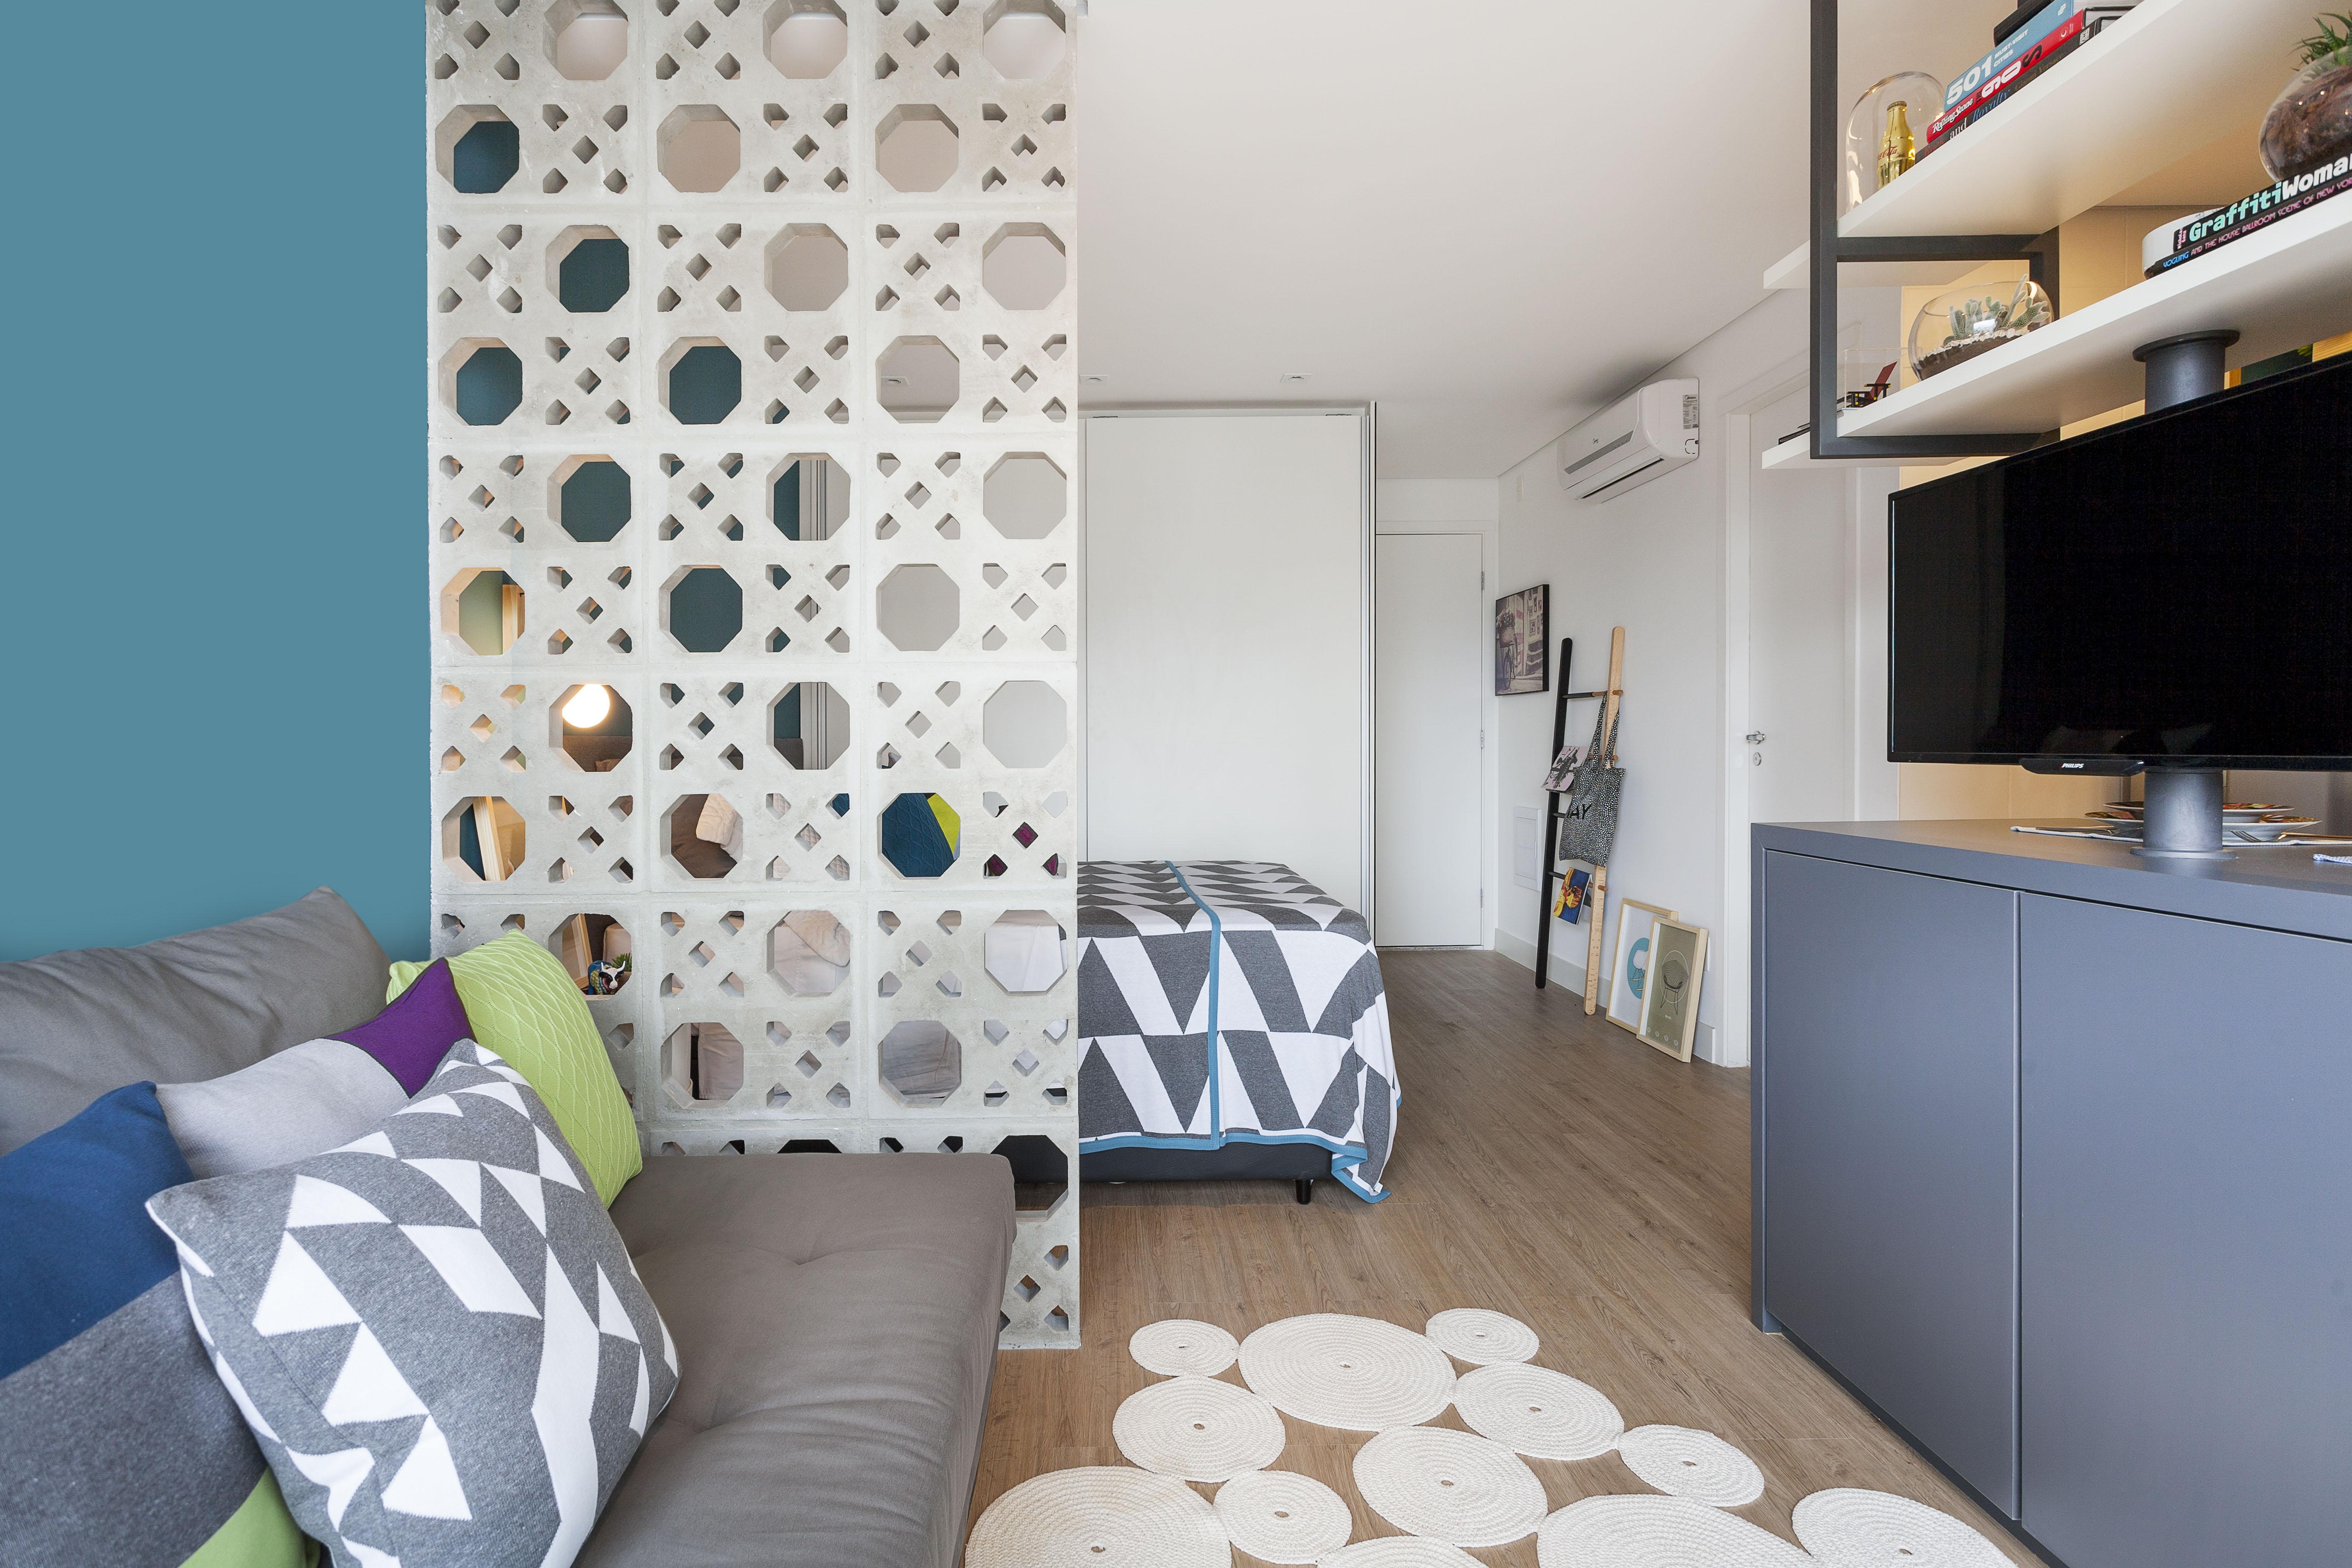 Apartamento de 35 m² com pegada industrial e muita cor